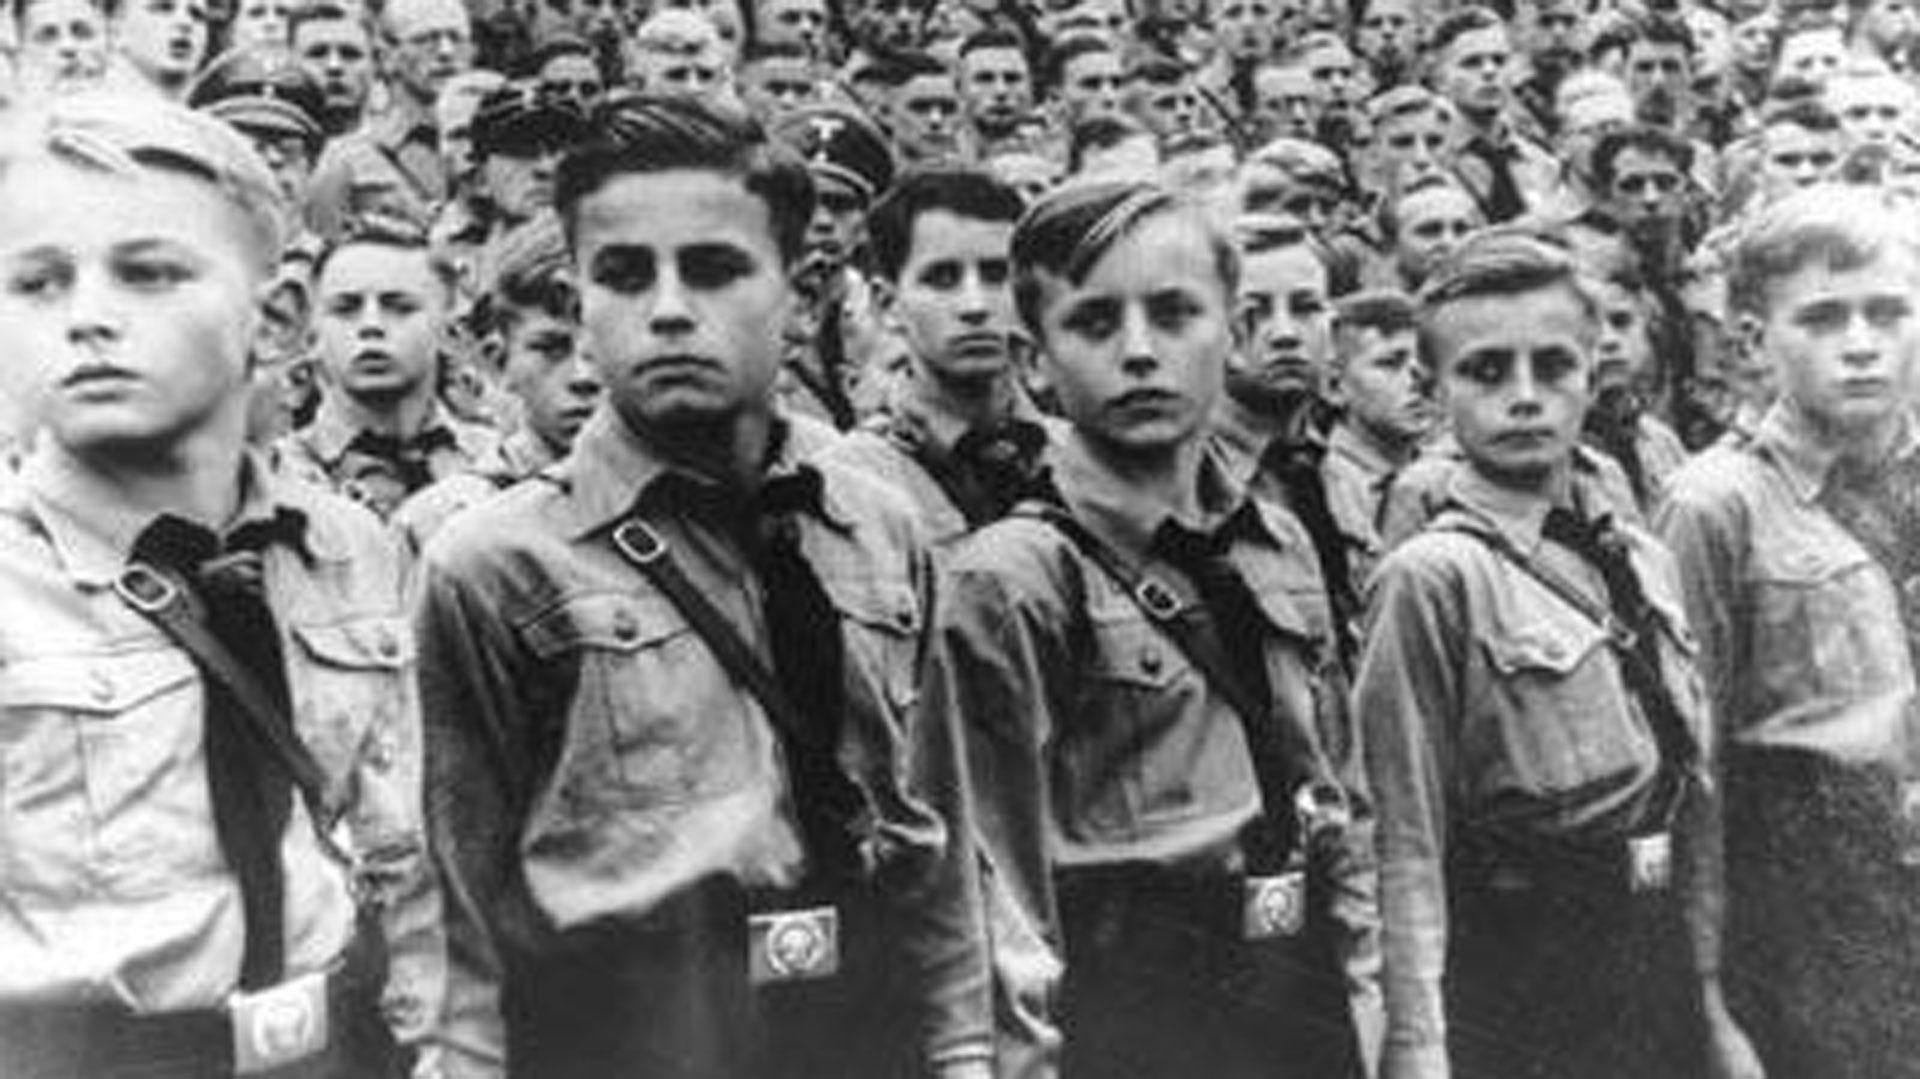 Las Juventudes Hitlerianas fueron creadas en 1926 para crear un nuevo sistema de adiestramiento a los jóvenes alemanes. Fue el caldo de cultivo para el nazismo